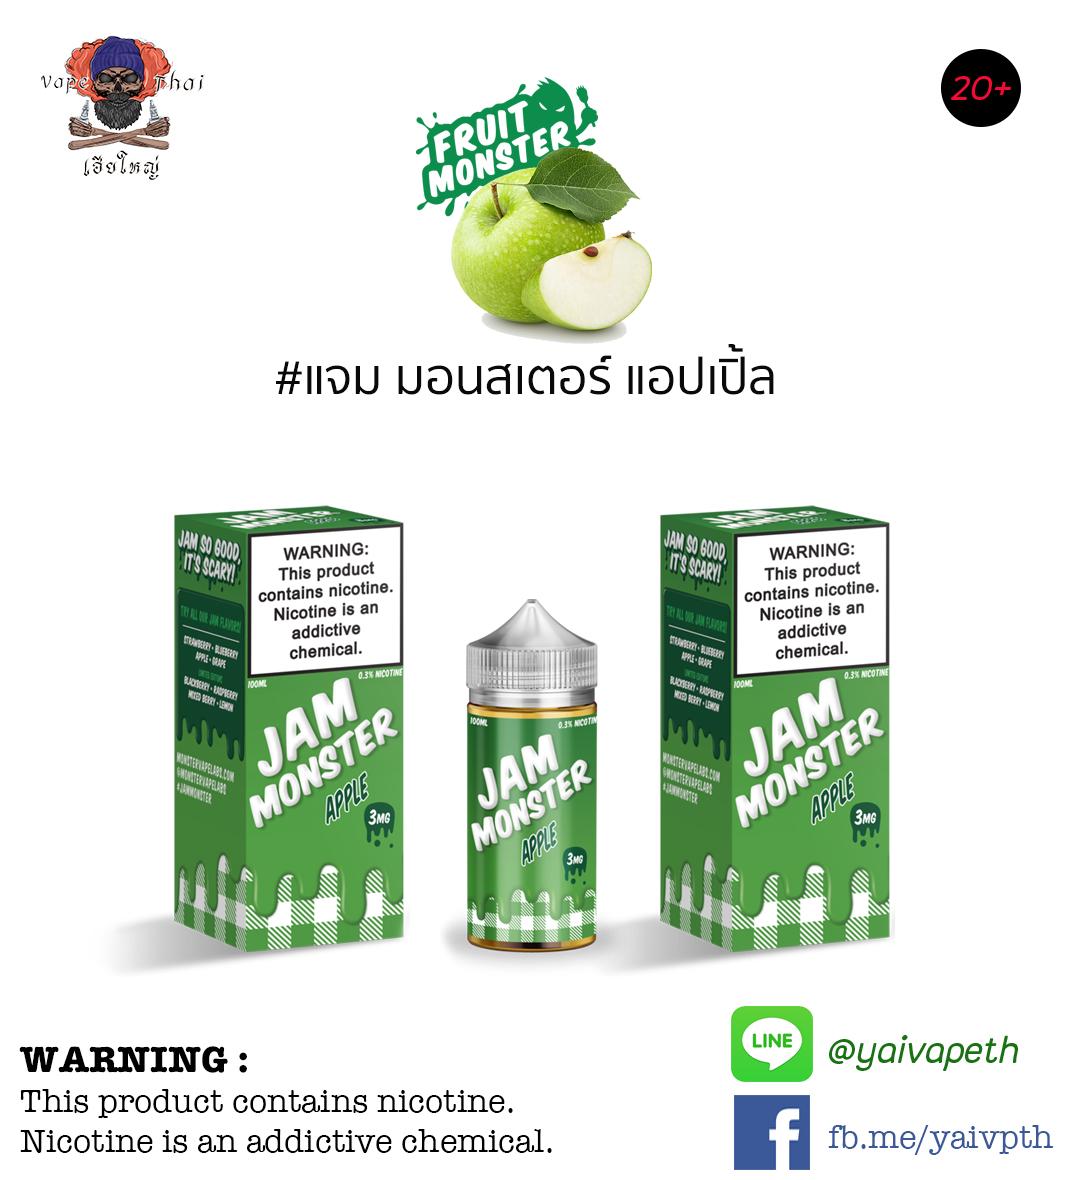 แอปเปิ้ลแยม - น้ำยาบุหรี่ไฟฟ้าJam Monster Apple 100ml (U.S.A.) [ไม่เย็น] ของแท้ 100%